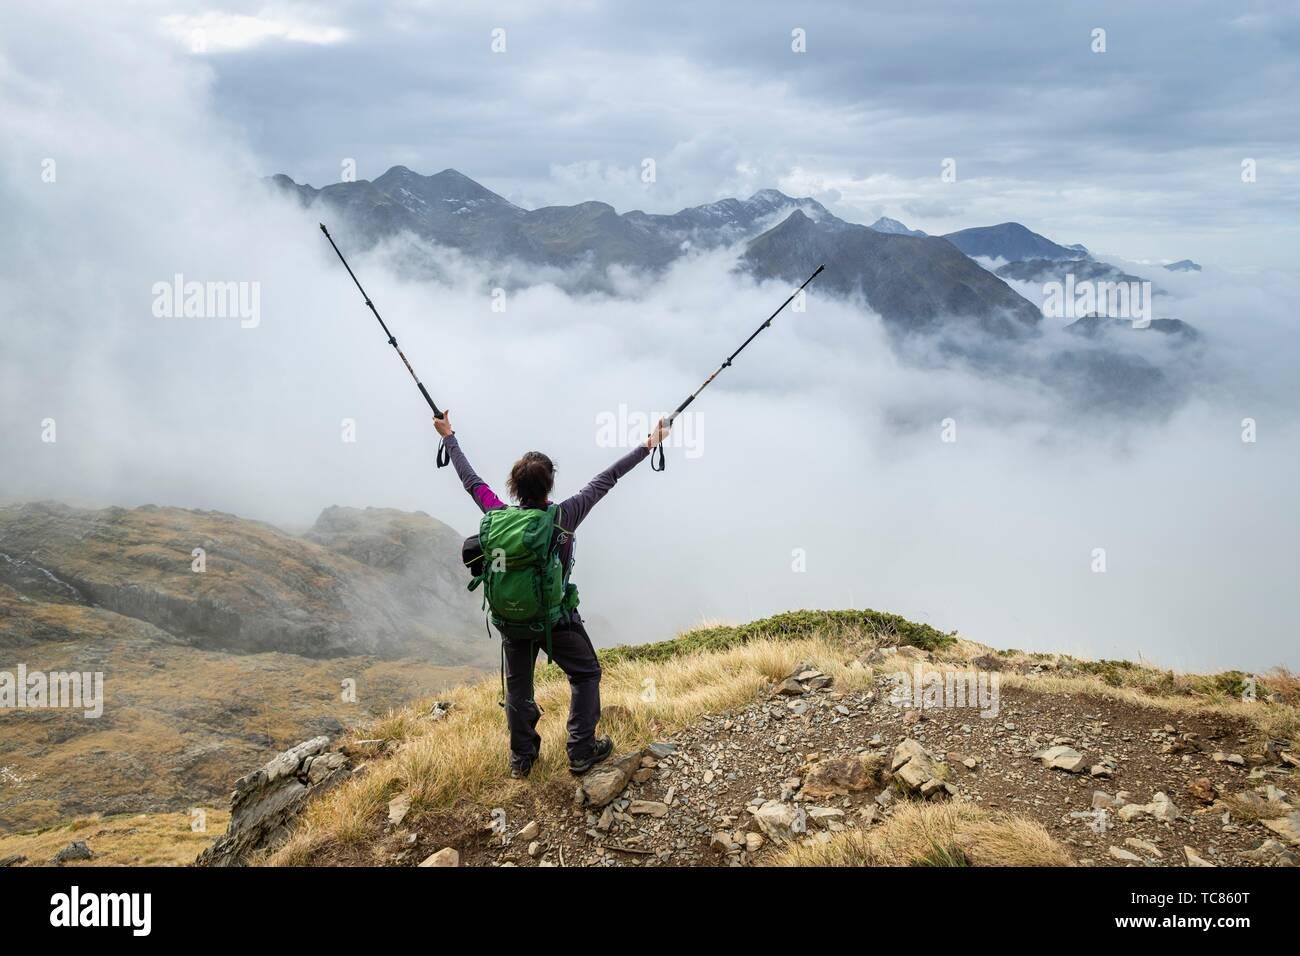 valle de Valier -Riberot-, Parque Natural Regional de los Pirineos de Ariège, cordillera de los Pirineos, Francia. - Stock Image